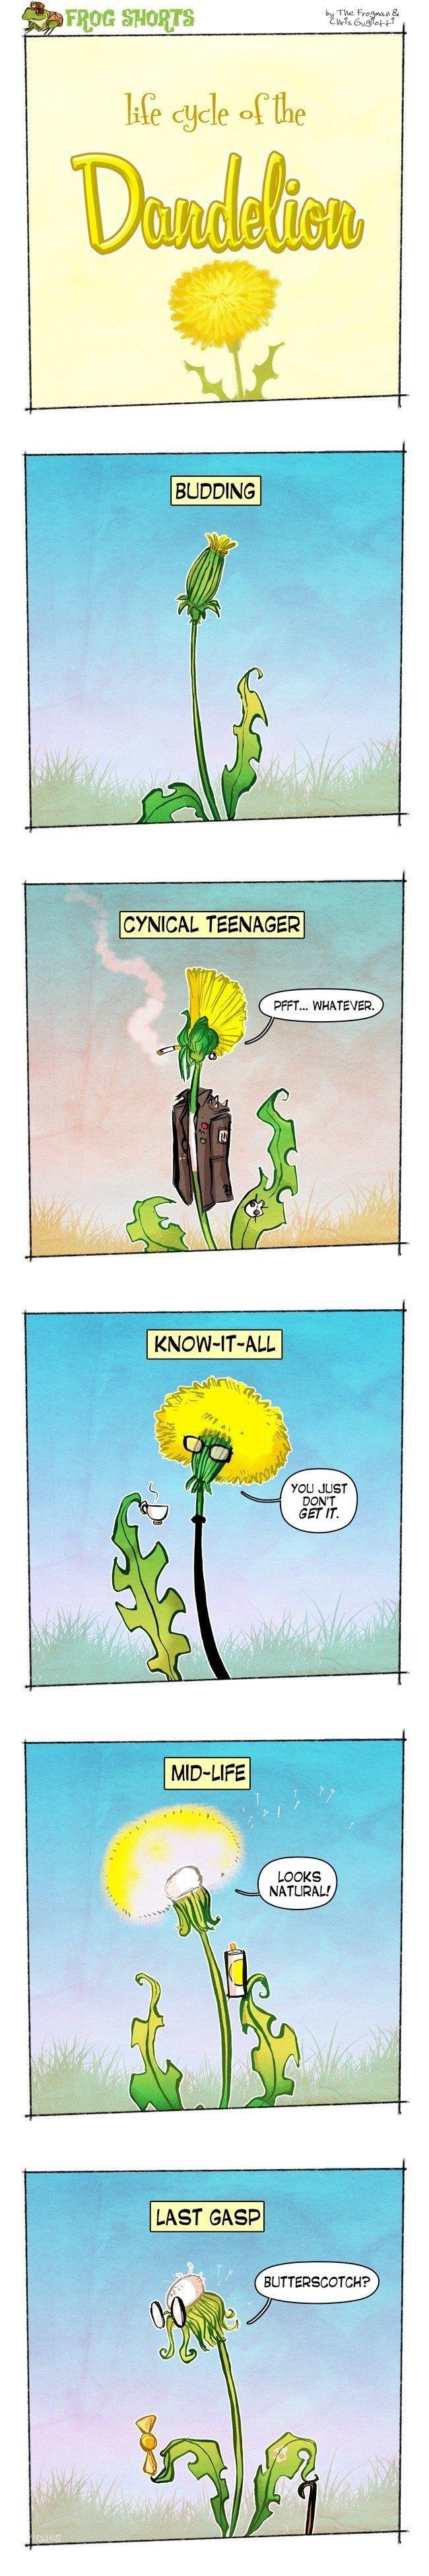 frog-shorts-dandelion